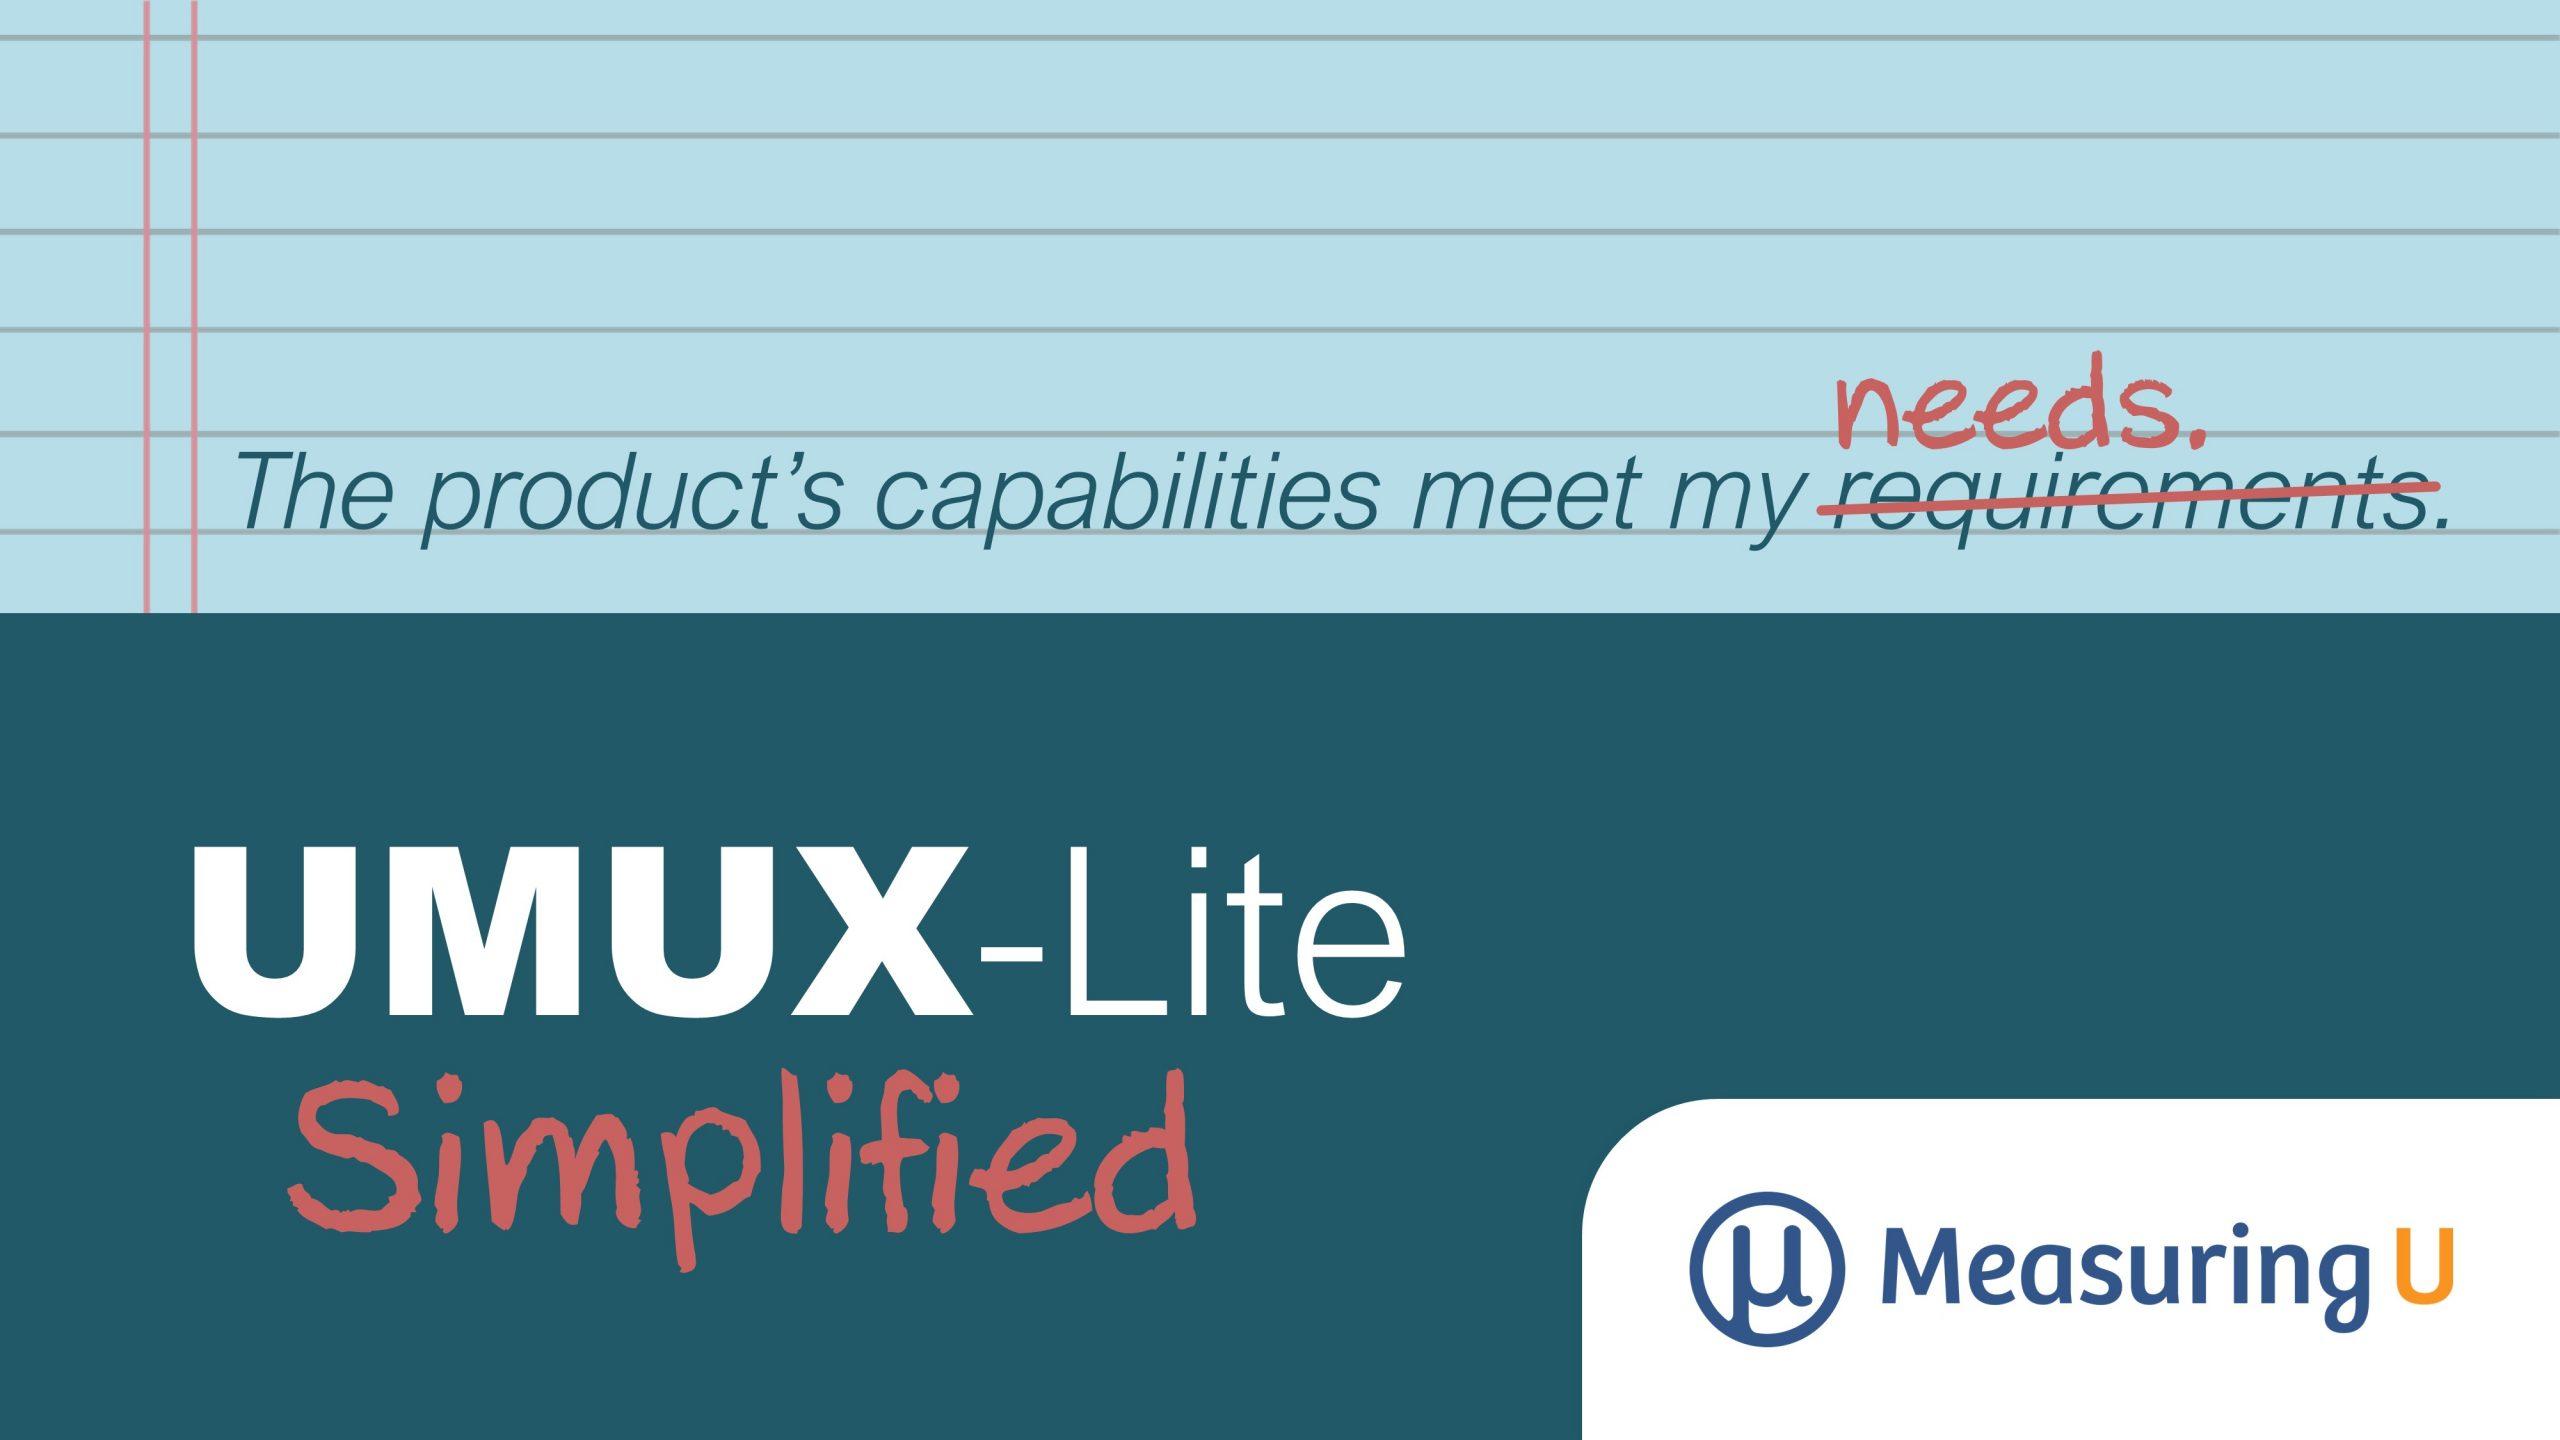 Simplifying the UMUX-Lite